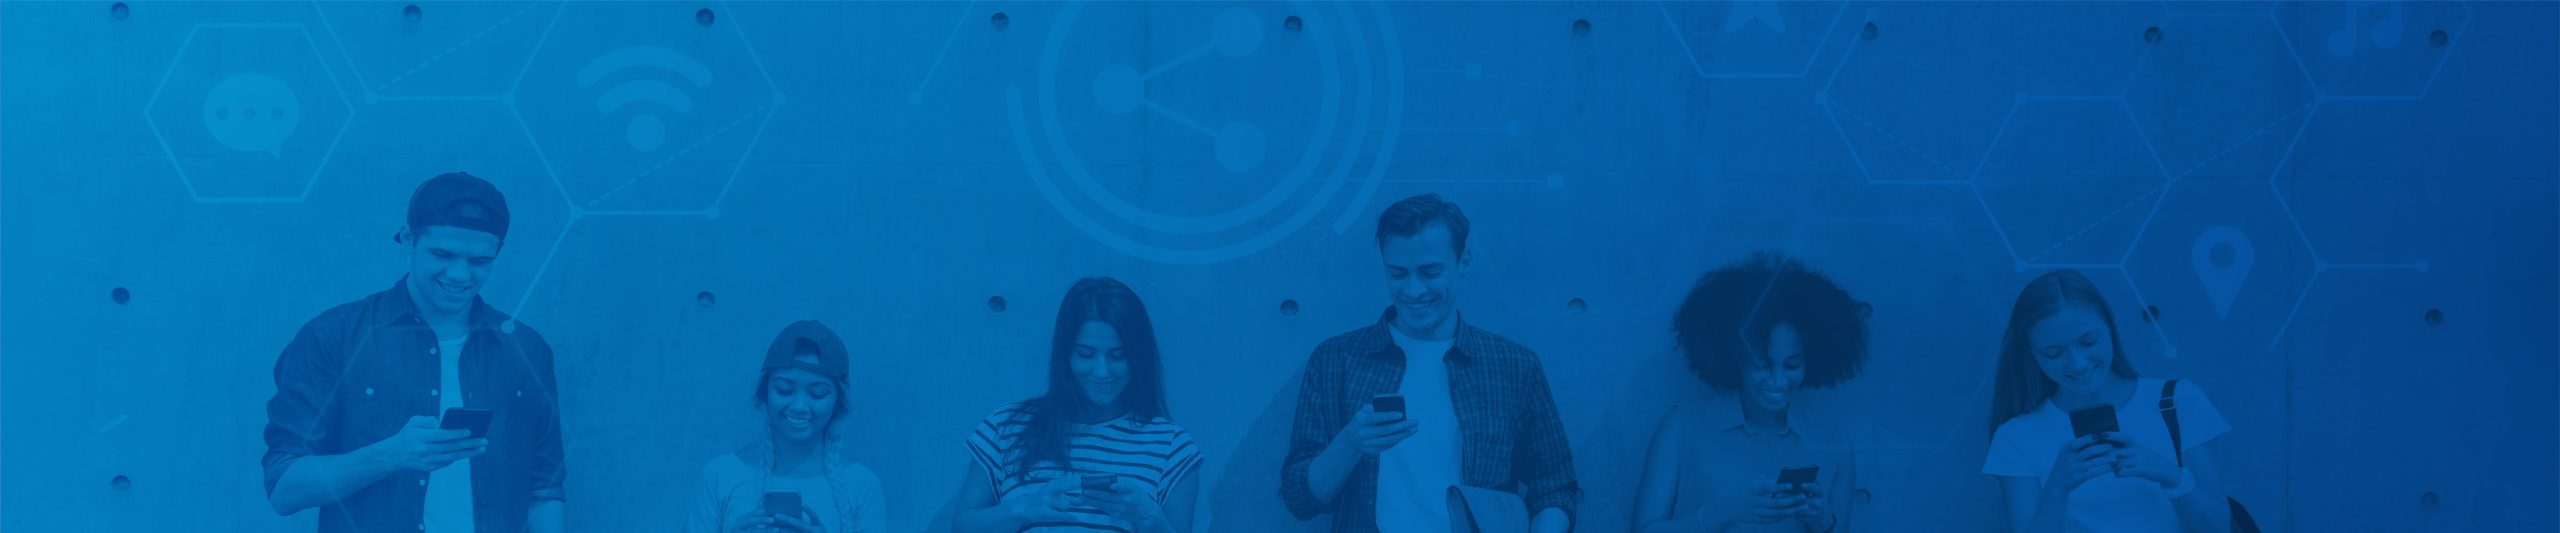 Mobile Selfcare App header image